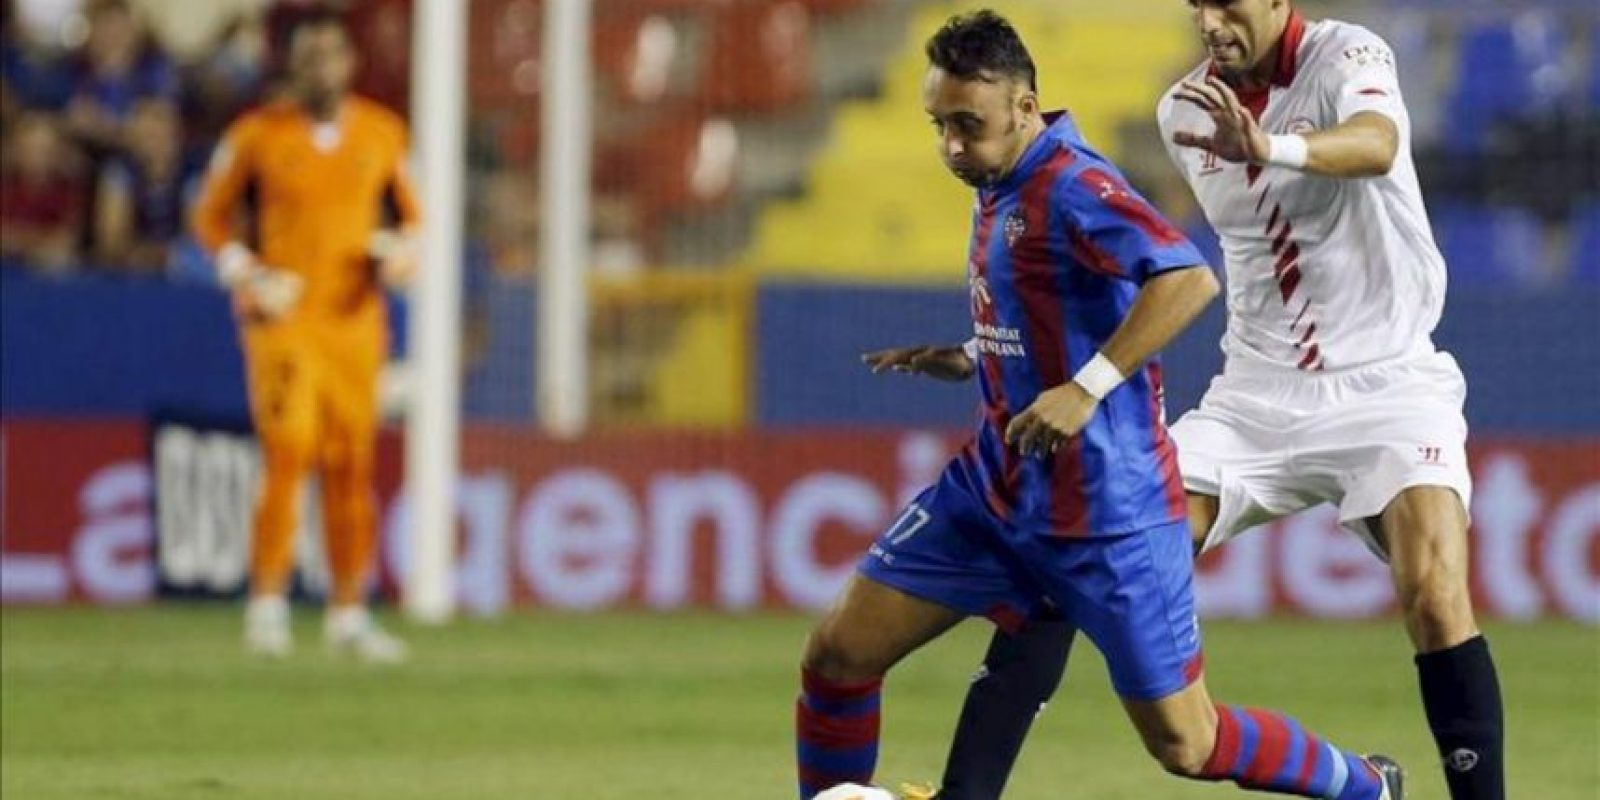 El jugador del Levante Xumetra (i) trata de escapar del argentino Fazio, del Sevilla, durante el partido de la Liga BBVA disputado en el estadio Ciutat de Valencia. EFE